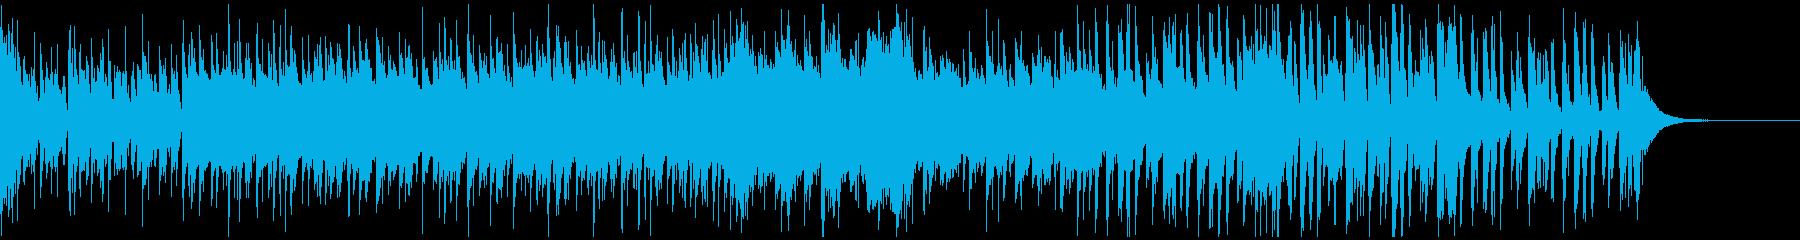 ギターとピアノの無臭音楽の再生済みの波形